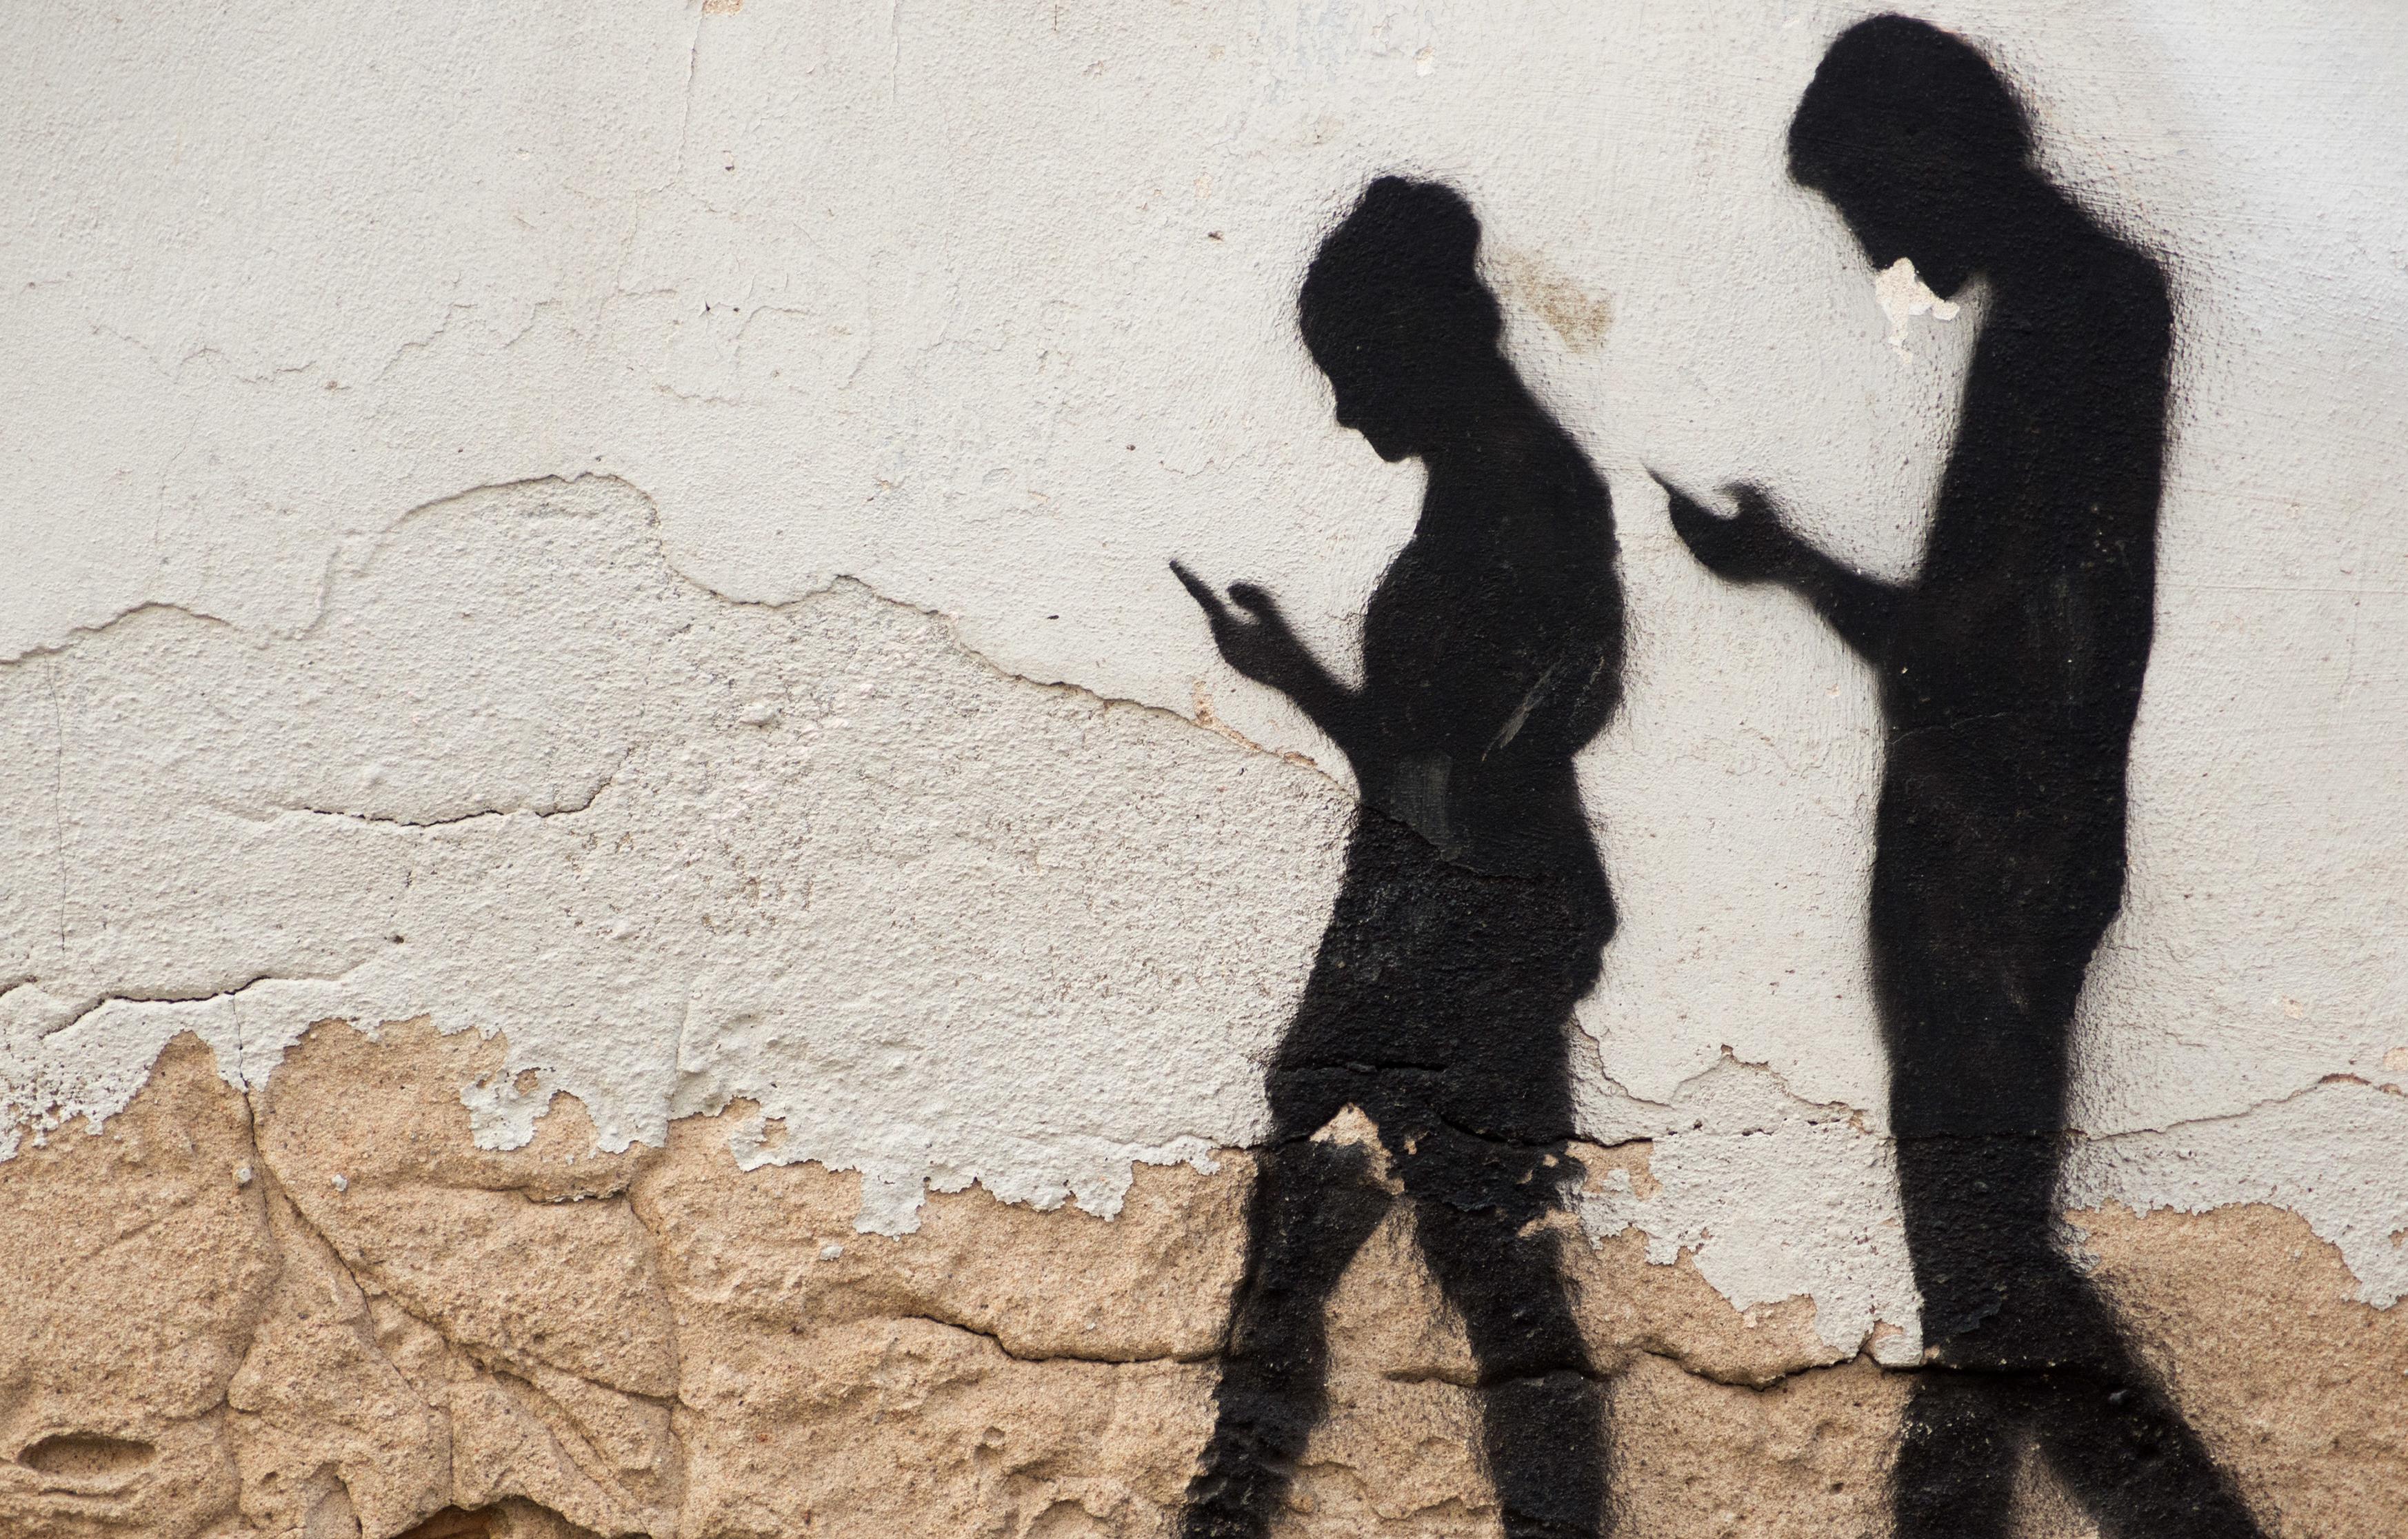 Aldatzen ari dira komunikatzeko moduak